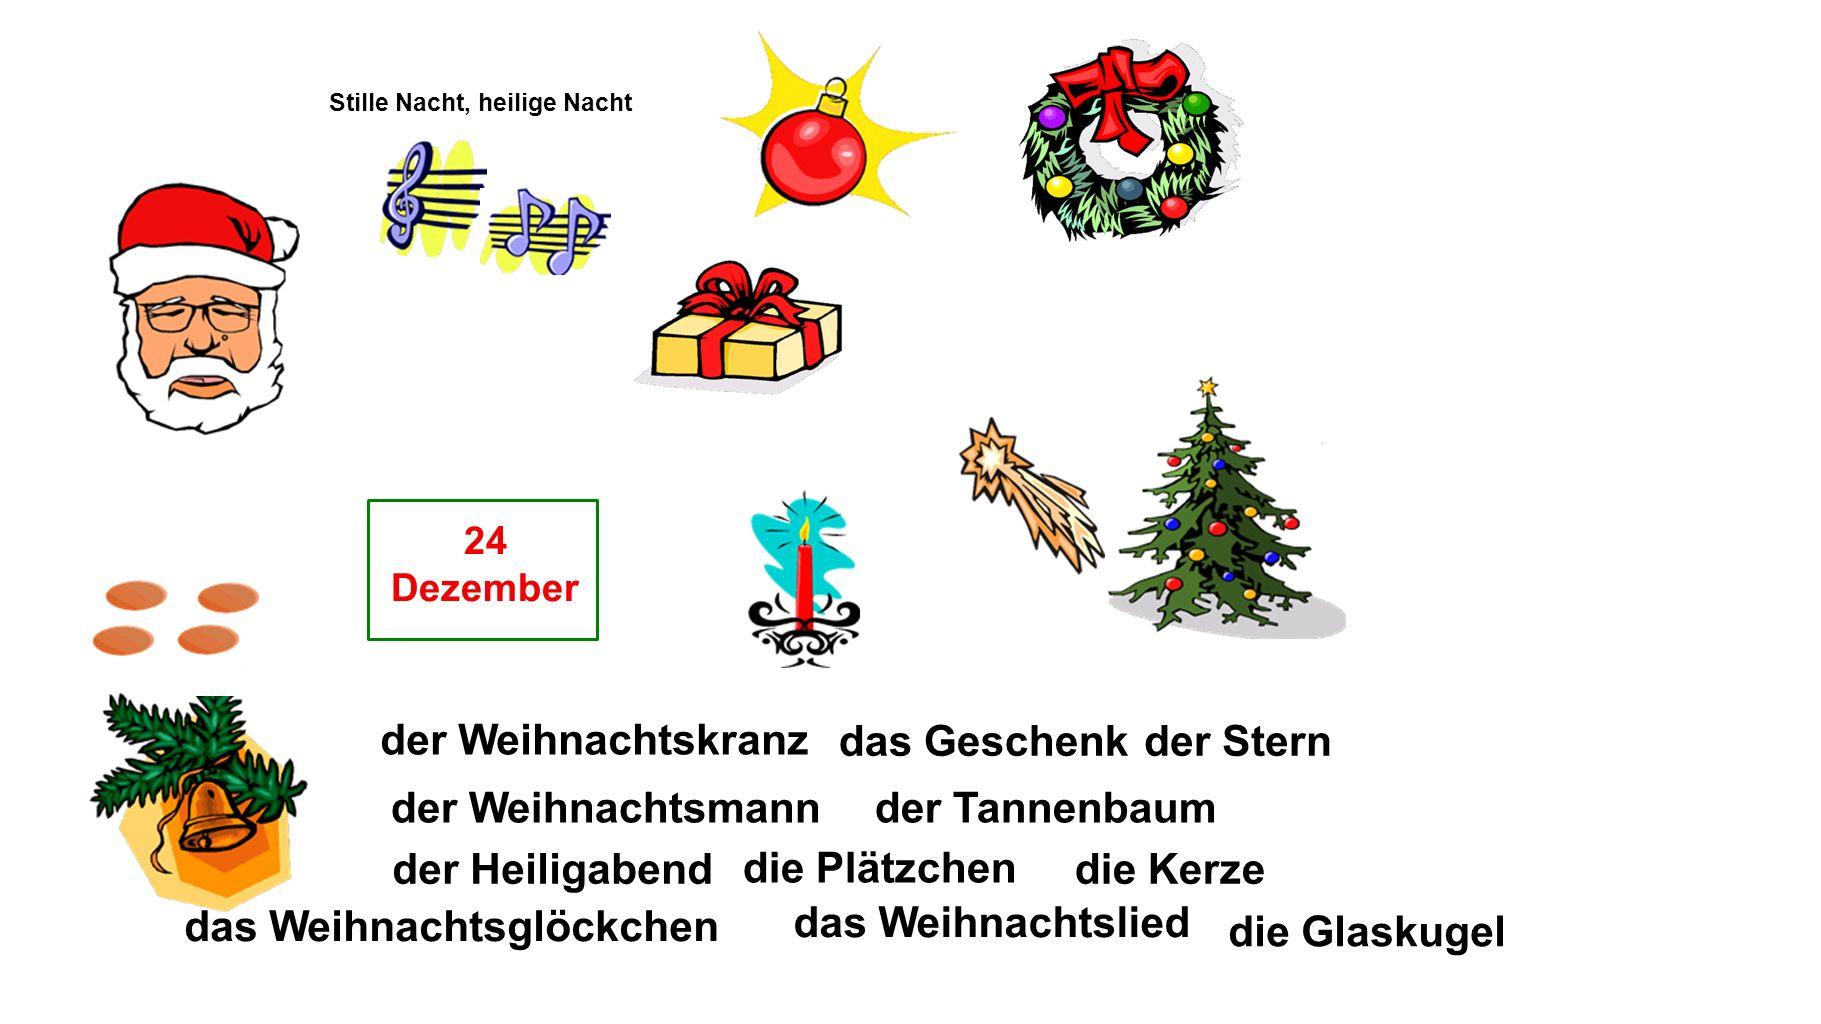 das Weihnachtsglöckchen das Weihnachtslied die Glaskugel